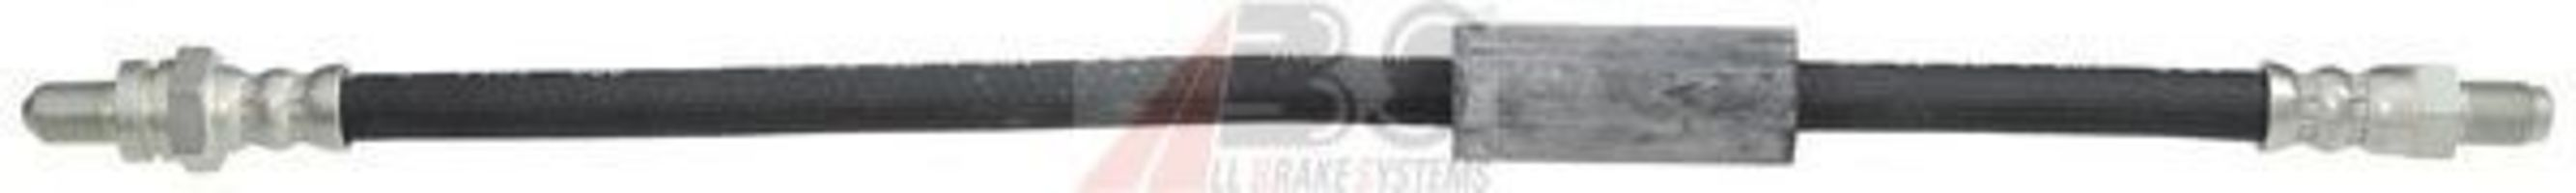 Шланг тормозной A.B.S. SL 5995